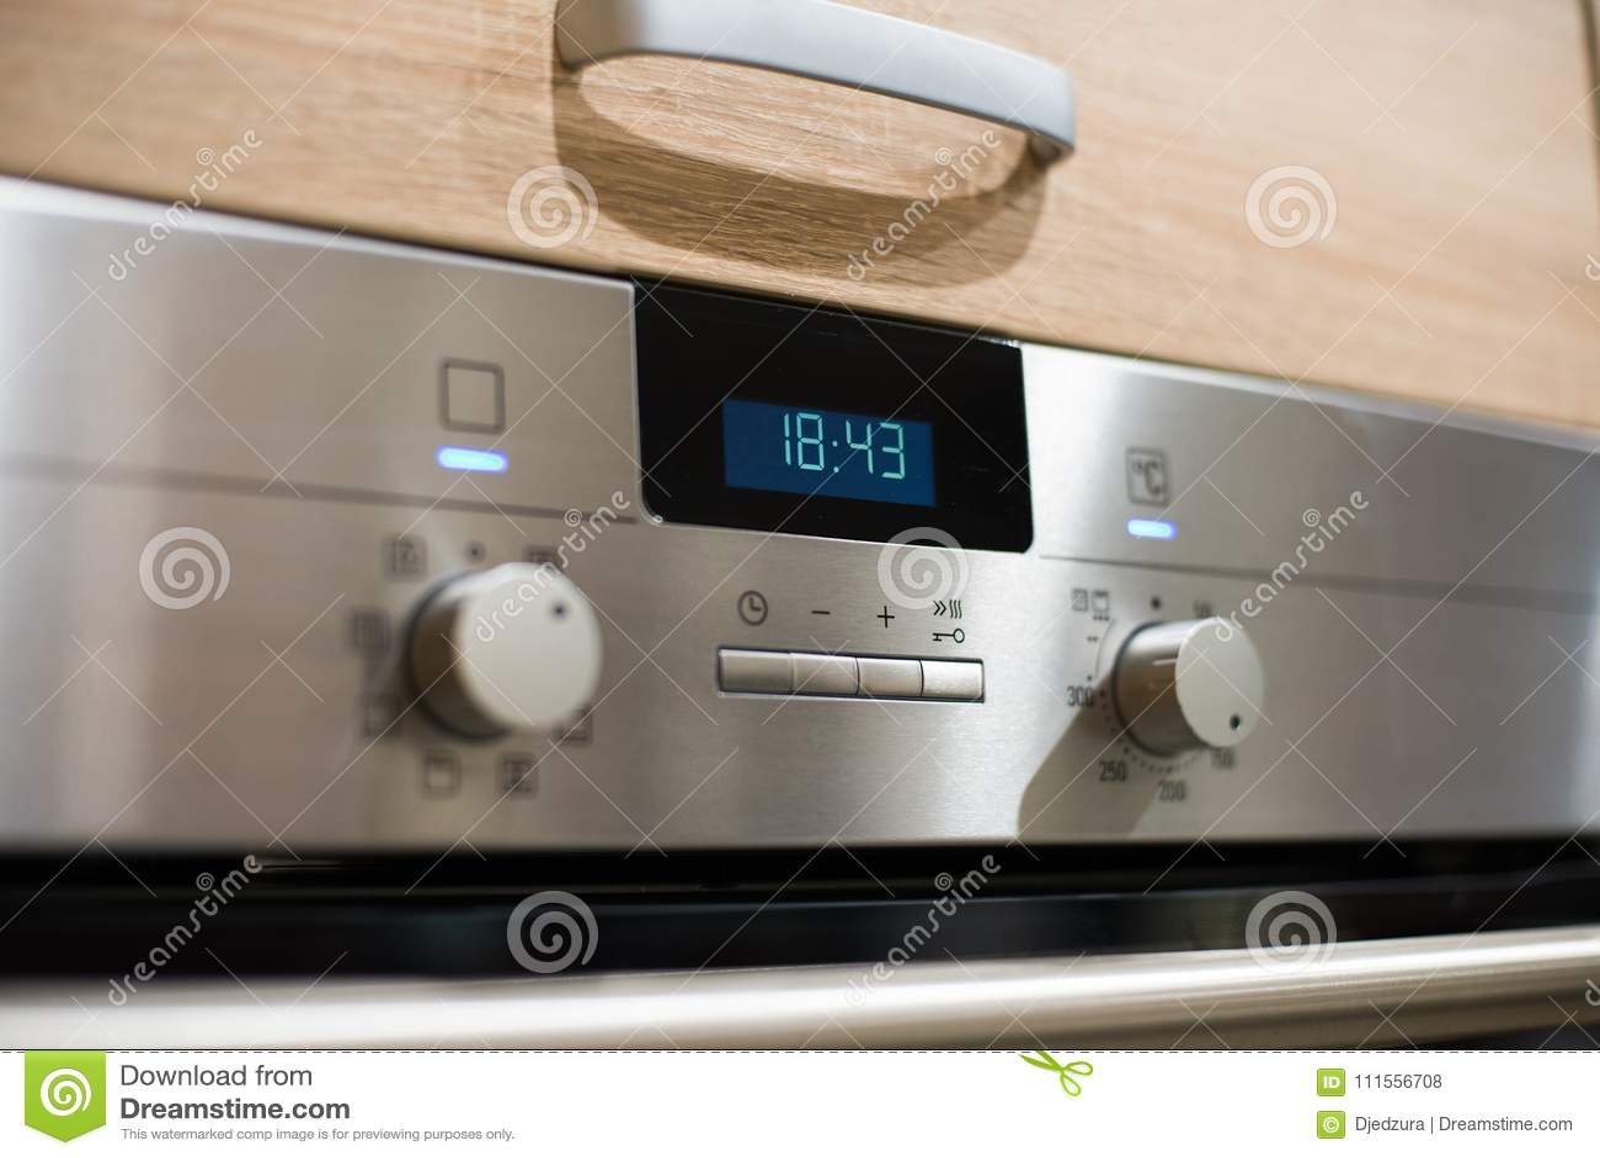 kitchen ovens countertops cheap 金属电厨房烤箱控制板库存照片 图片包括有能源 按钮 灌肠器 温度 在厨房里金属化电厨房烤箱控制板